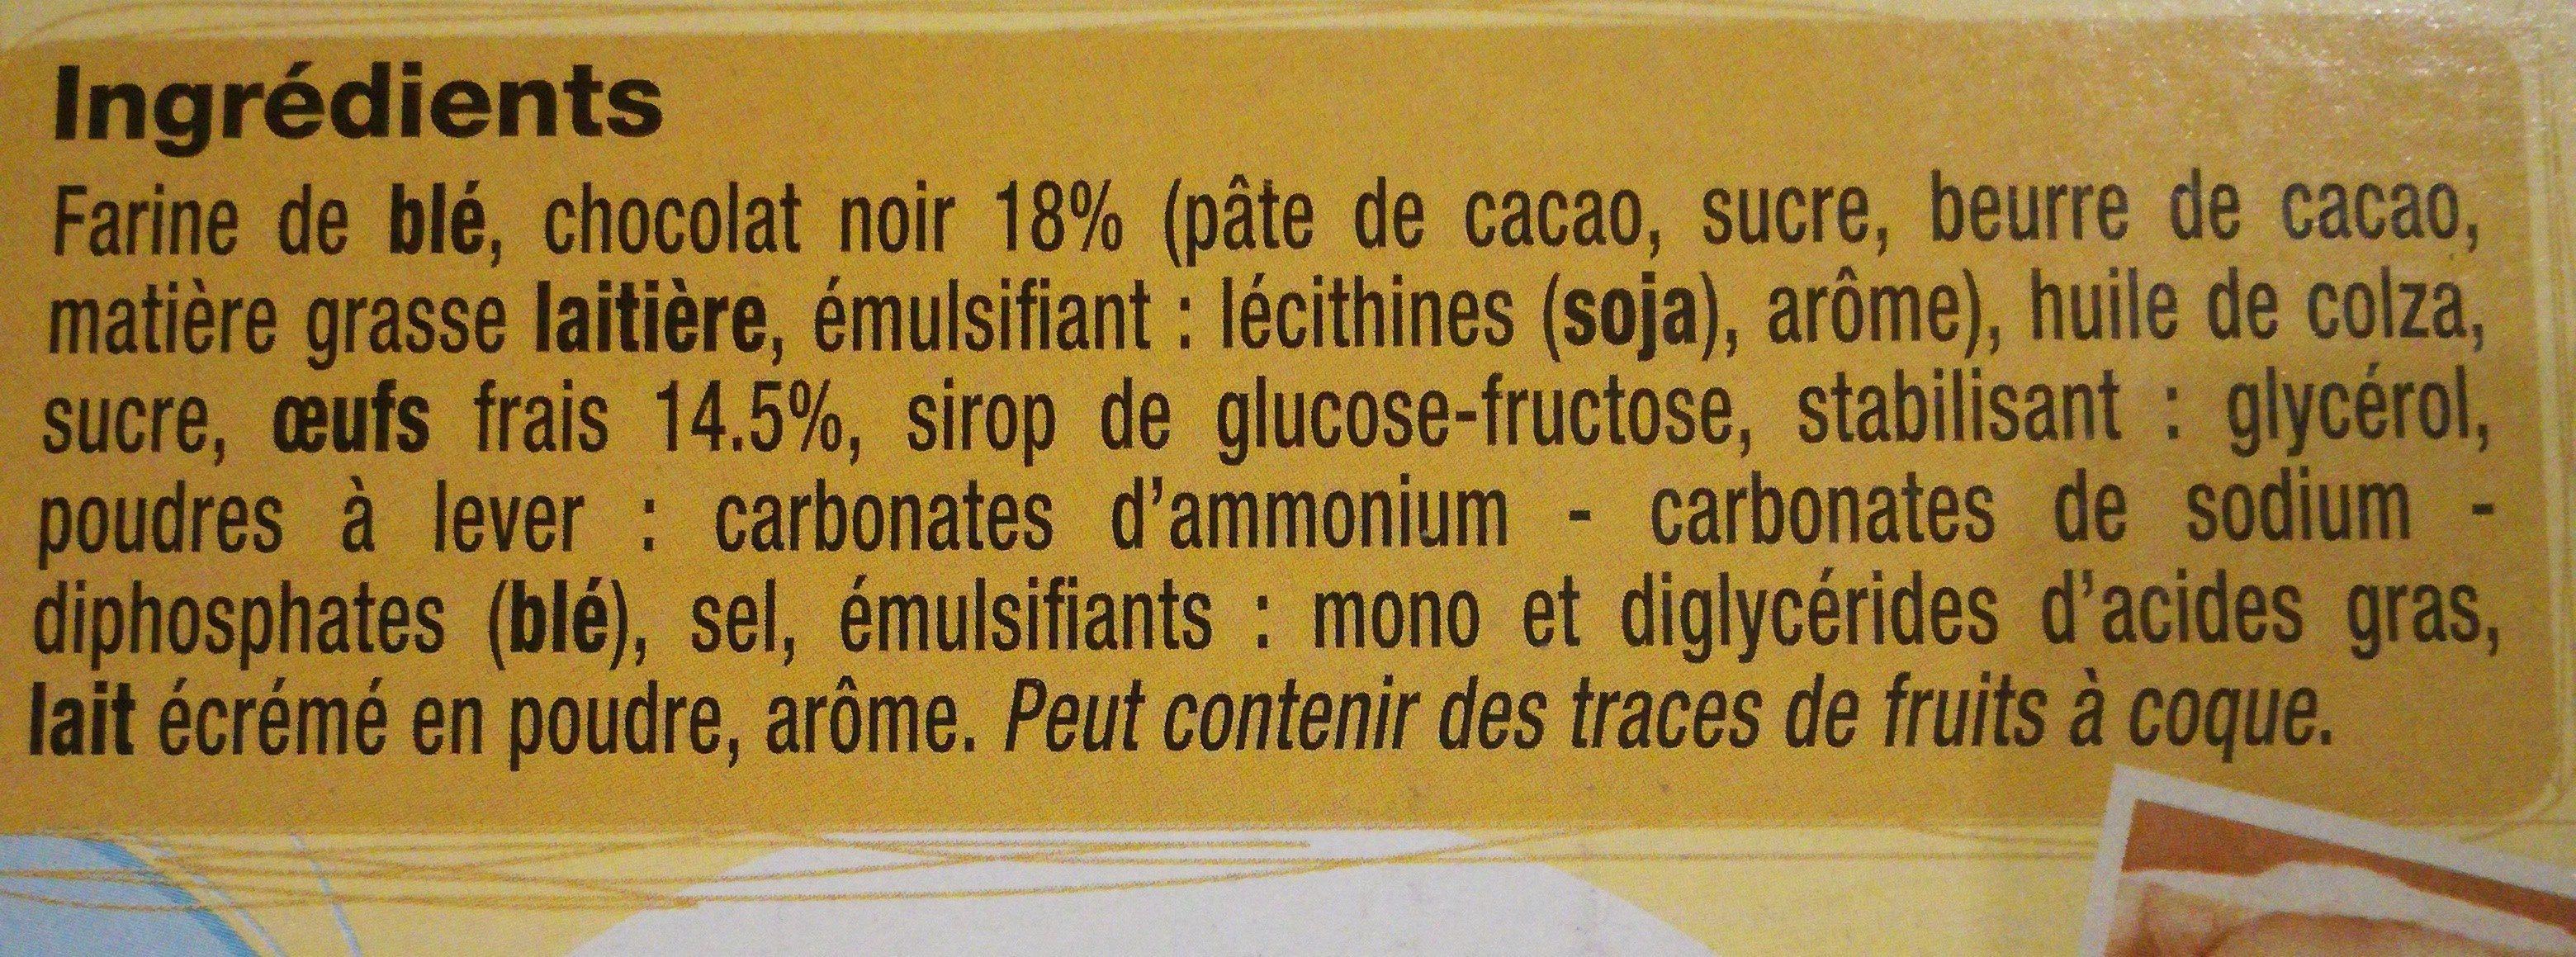 Madeleine chocoNoir - Ingrédients - fr